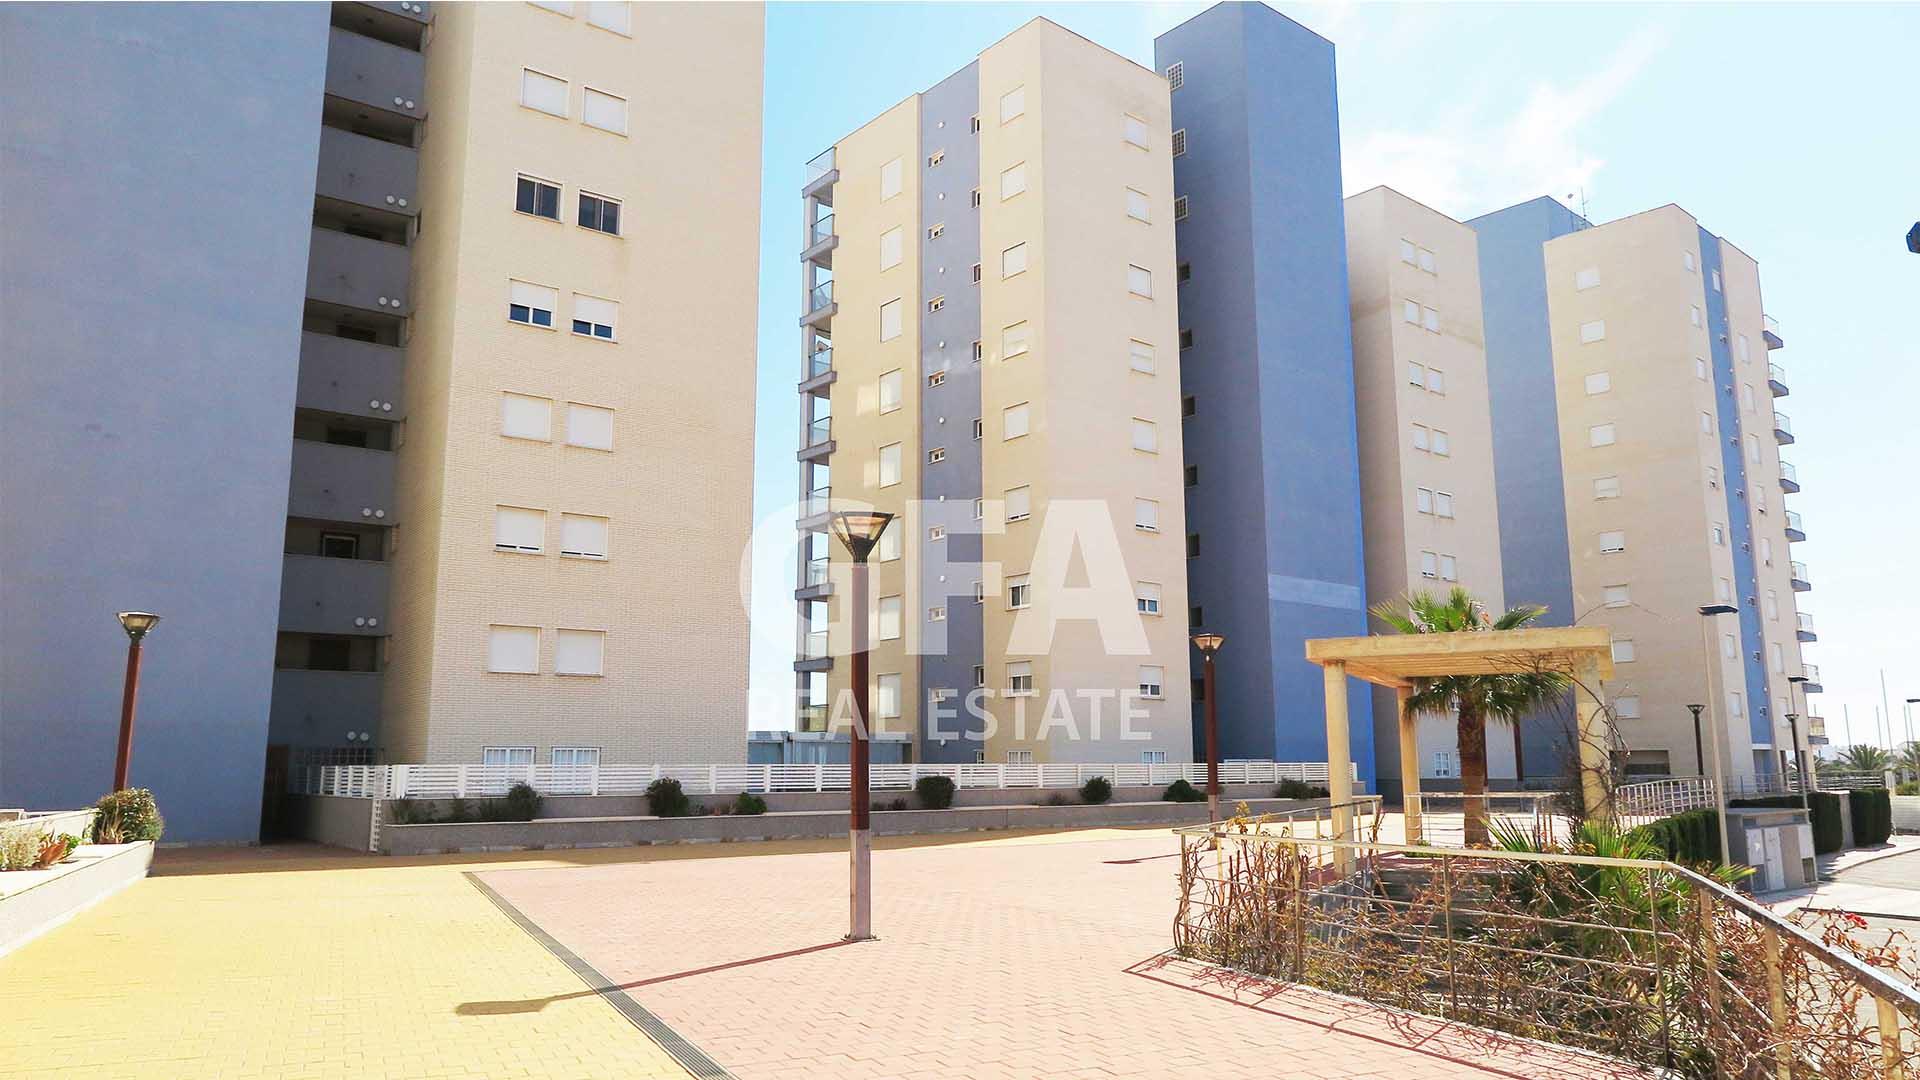 residencial-veneziola-obra-nueva_0022_32